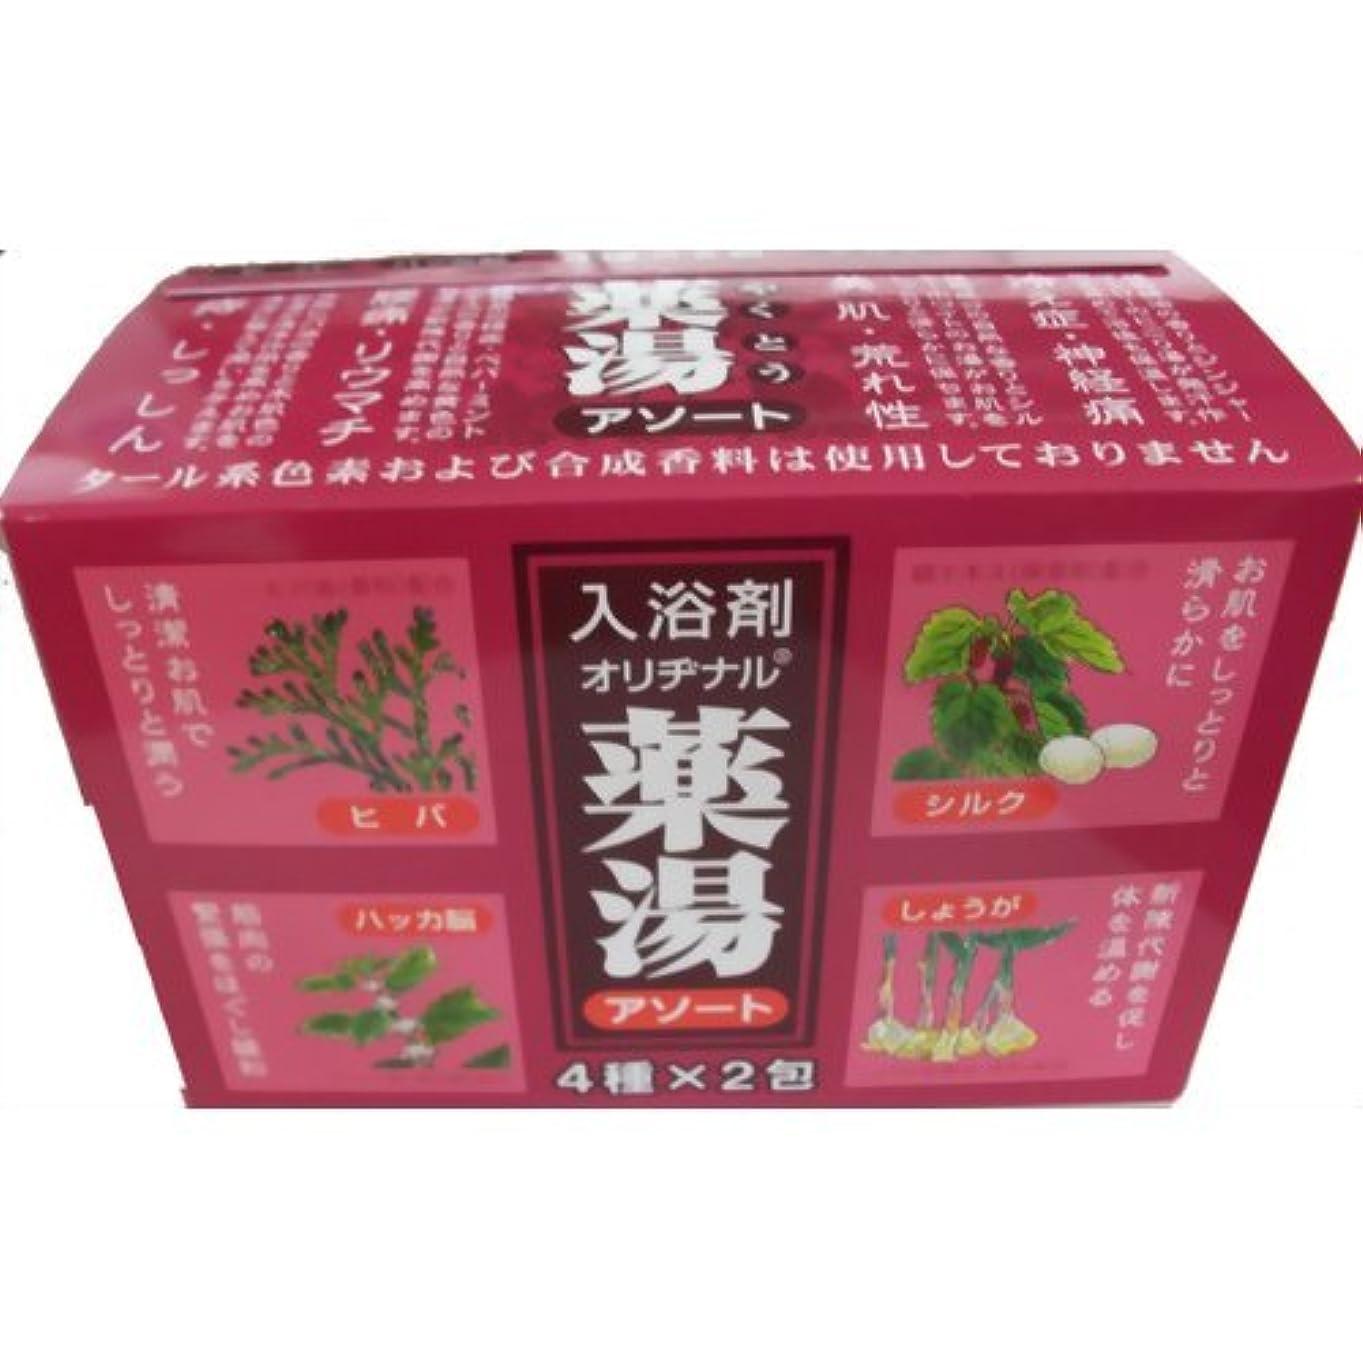 パラナ川いう磨かれた薬湯分包アソート 4種 8包入